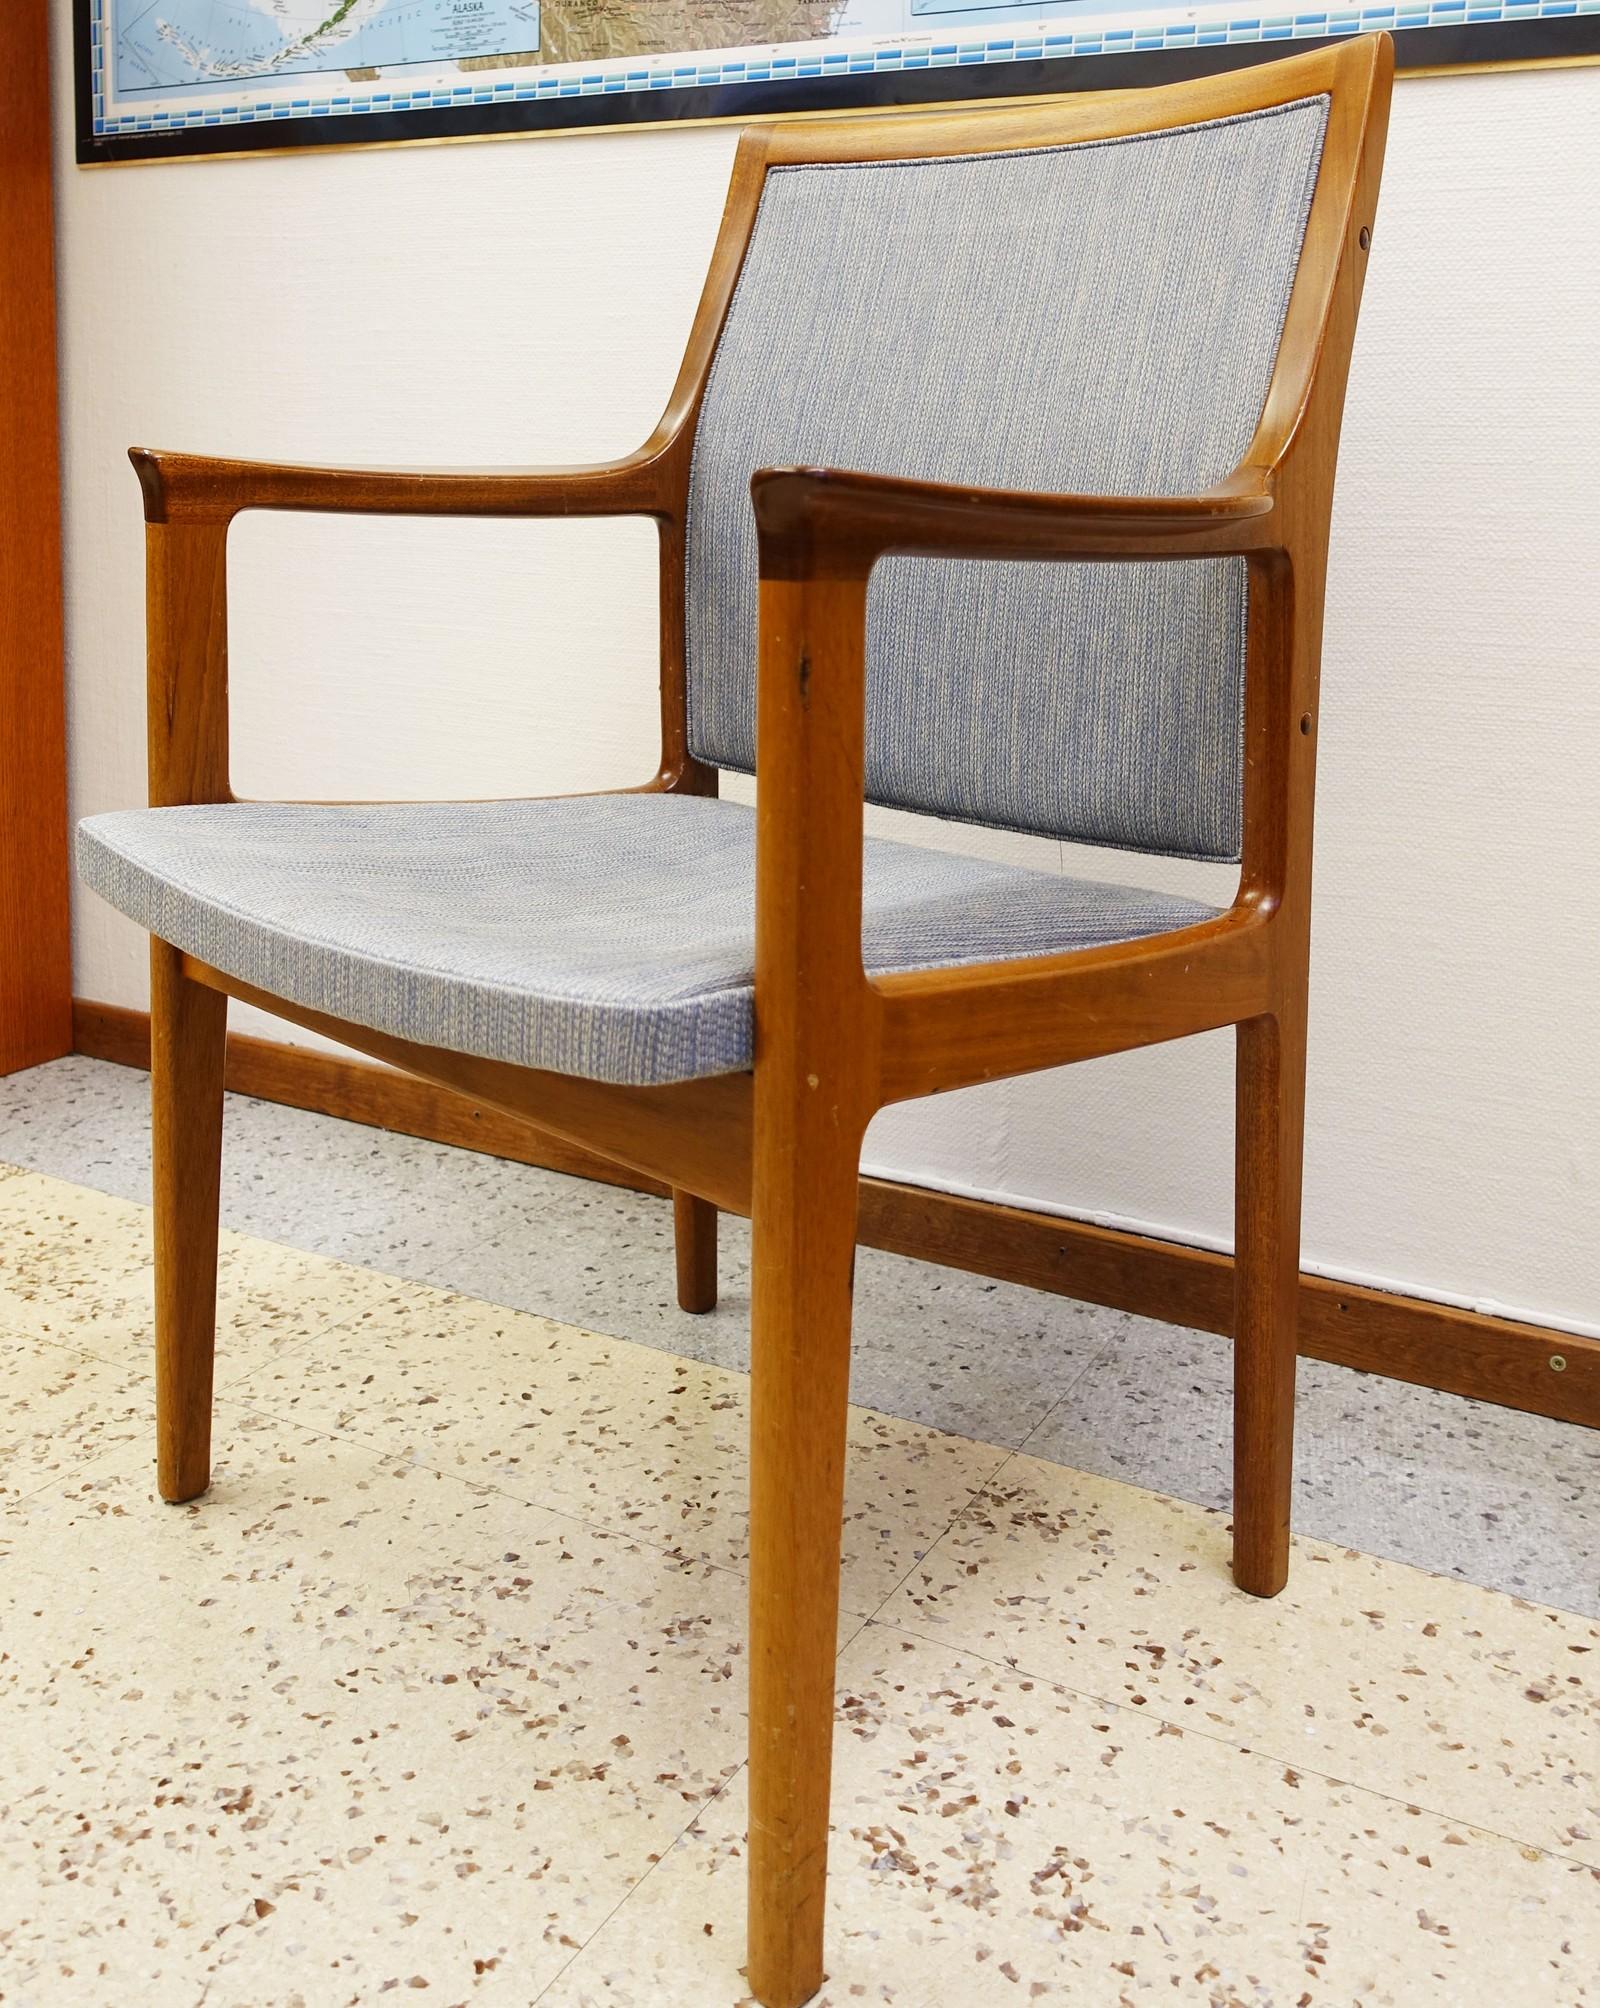 Mange av de frittstående originale teakmøblene i ambassaden er byttet ut og er trolig borte for alltid. Men en og annen stol står igjen. Denne har trolig blitt trukket om. Nesten alle møblene som sto i bygningen da den åpnet var designet av Knoll Associated og produsert av det norske firmaet Tanum.